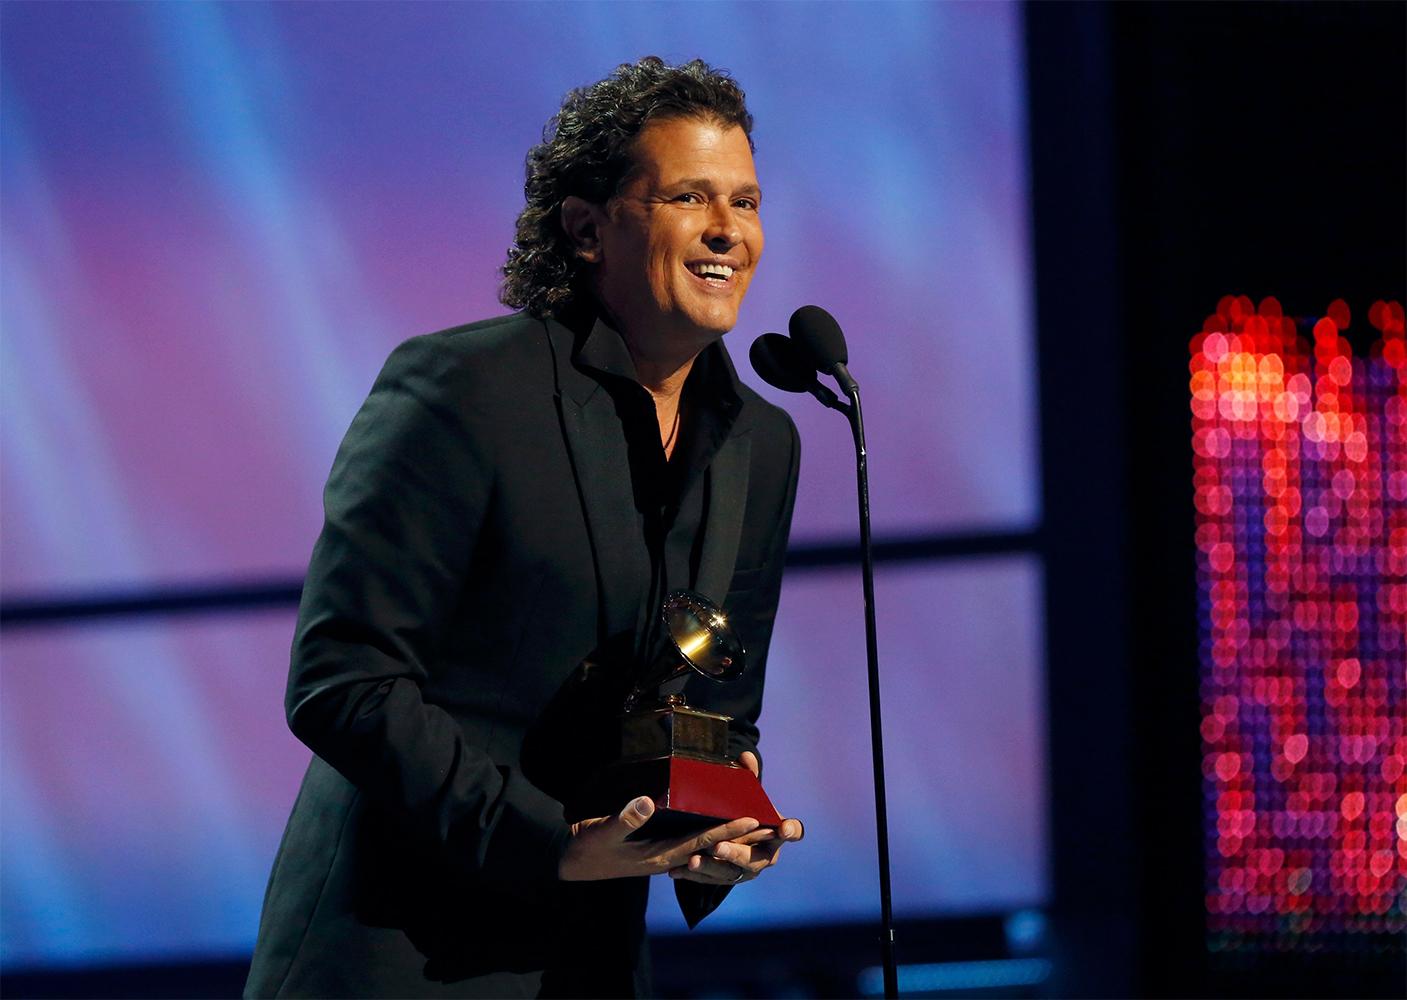 El colombiano Carlos Vives triunfa en los Grammy Latino